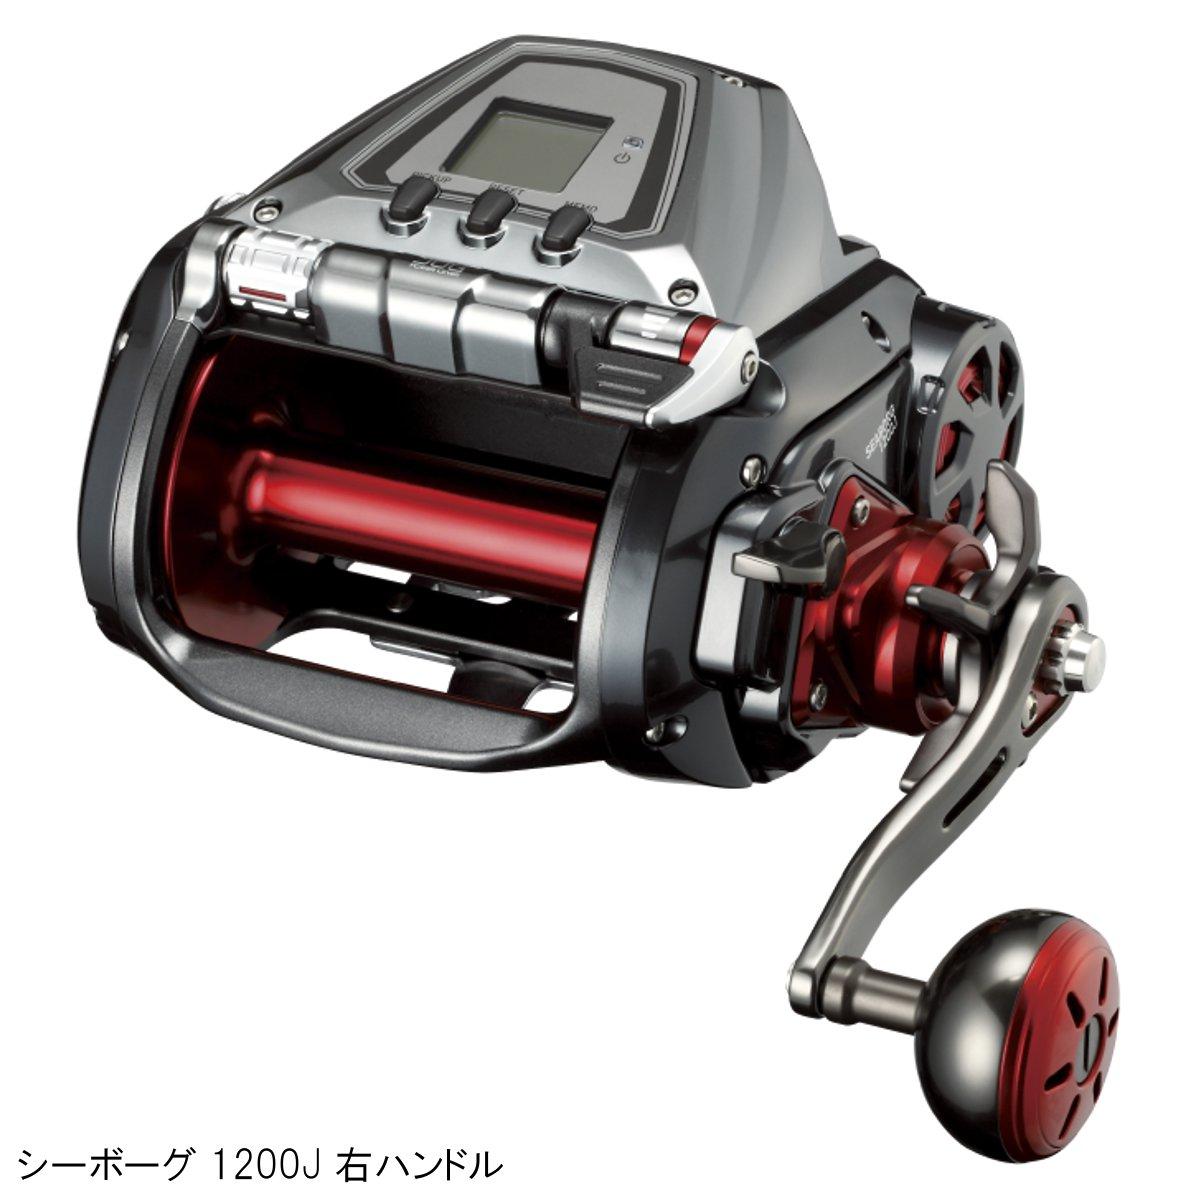 ダイワ シーボーグ 1200J 右ハンドル(東日本店)